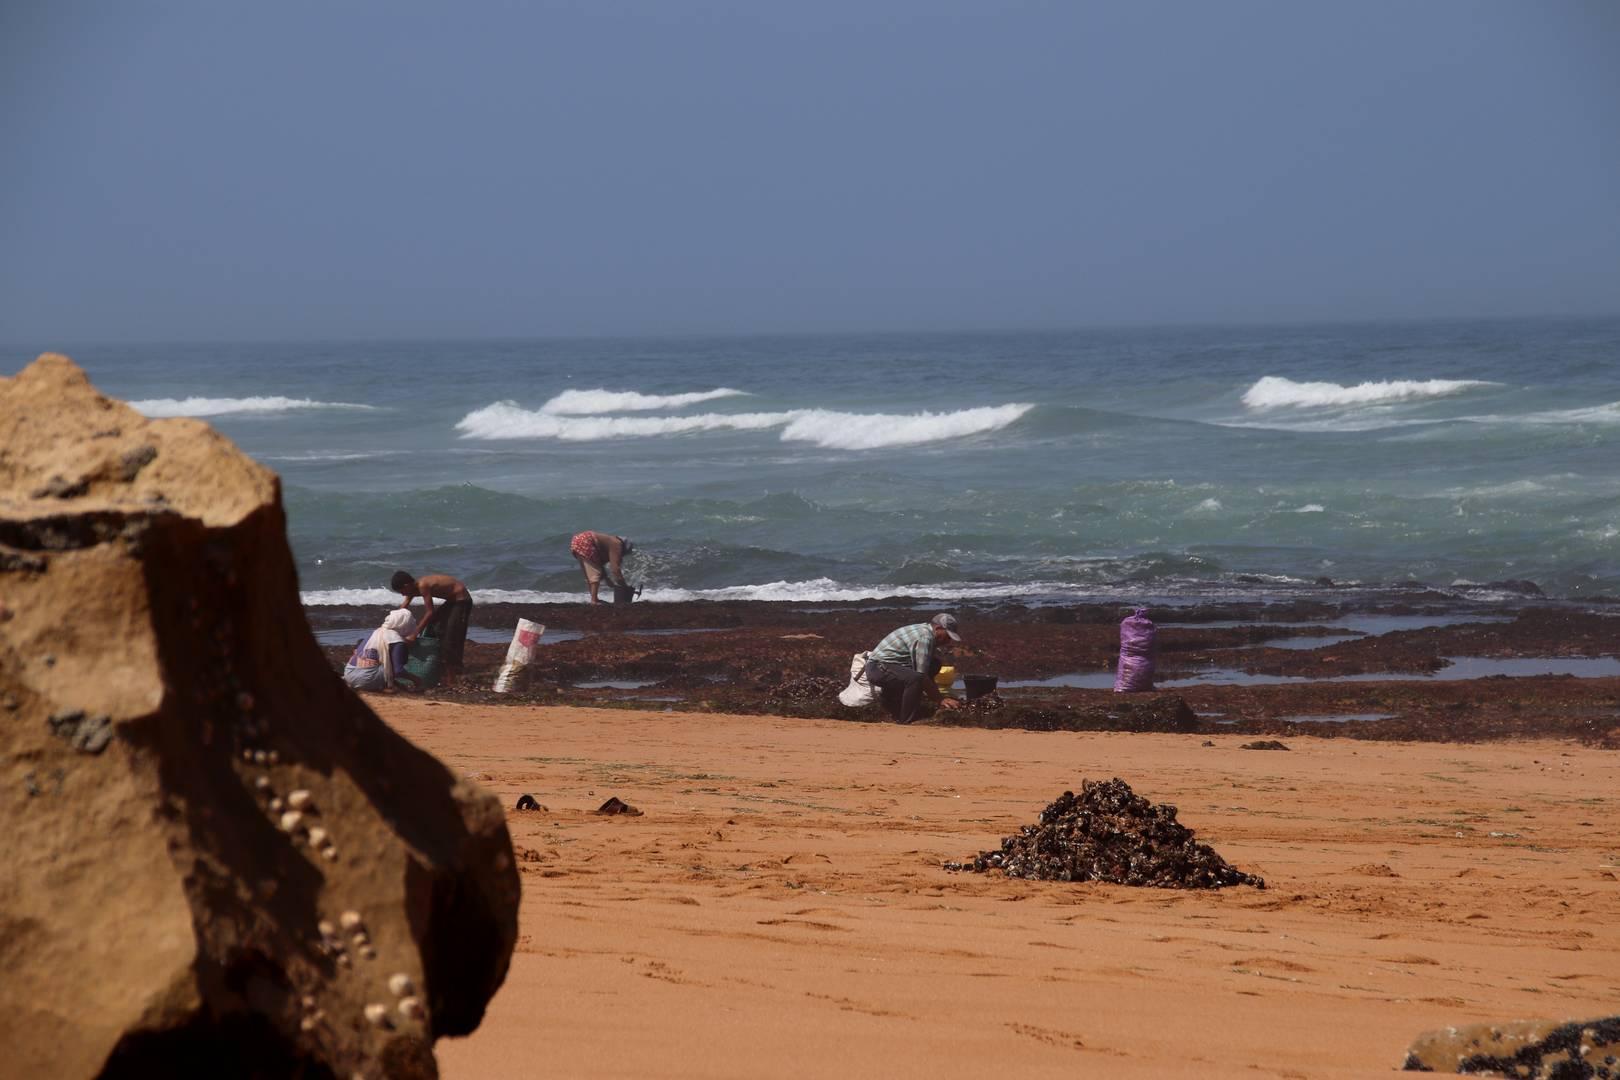 Maroc - Ramassage de moules sur une plage sauvage à côté de Oualidia